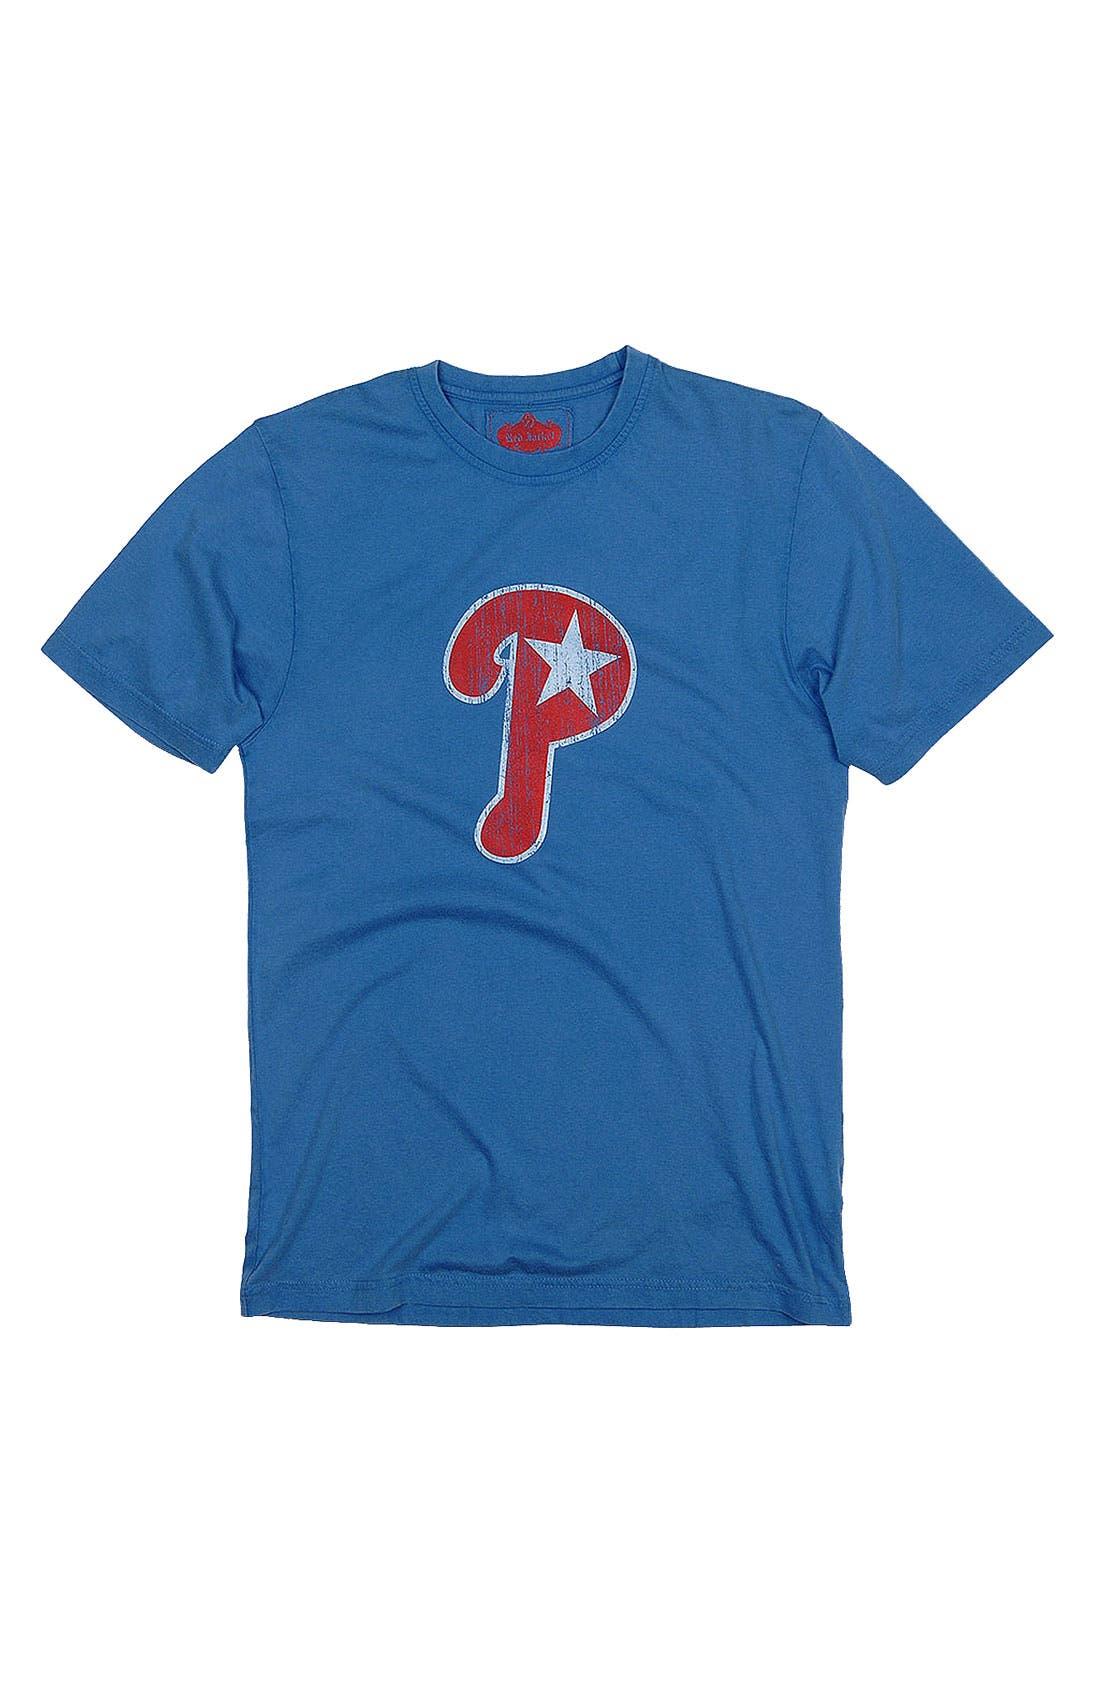 'Philadelphia Phillies' Trim Fit T-Shirt,                         Main,                         color, Royal Blue